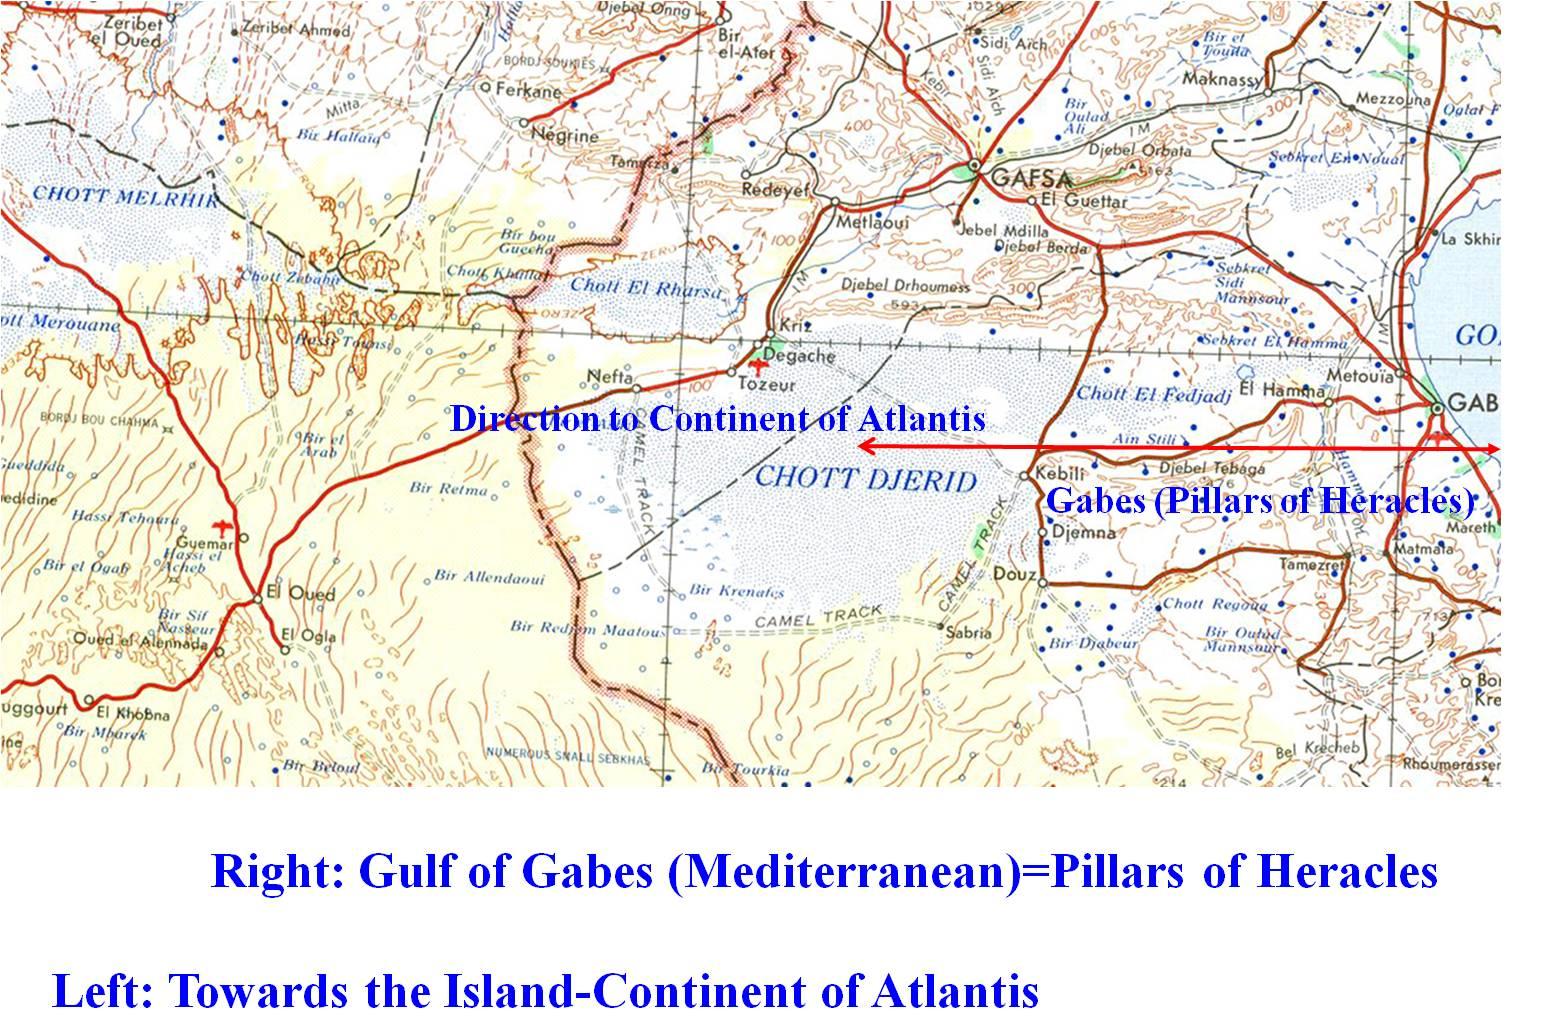 CHOTS-ATLANTIC-PELAGOS-PILLARS-OF-HERACLES